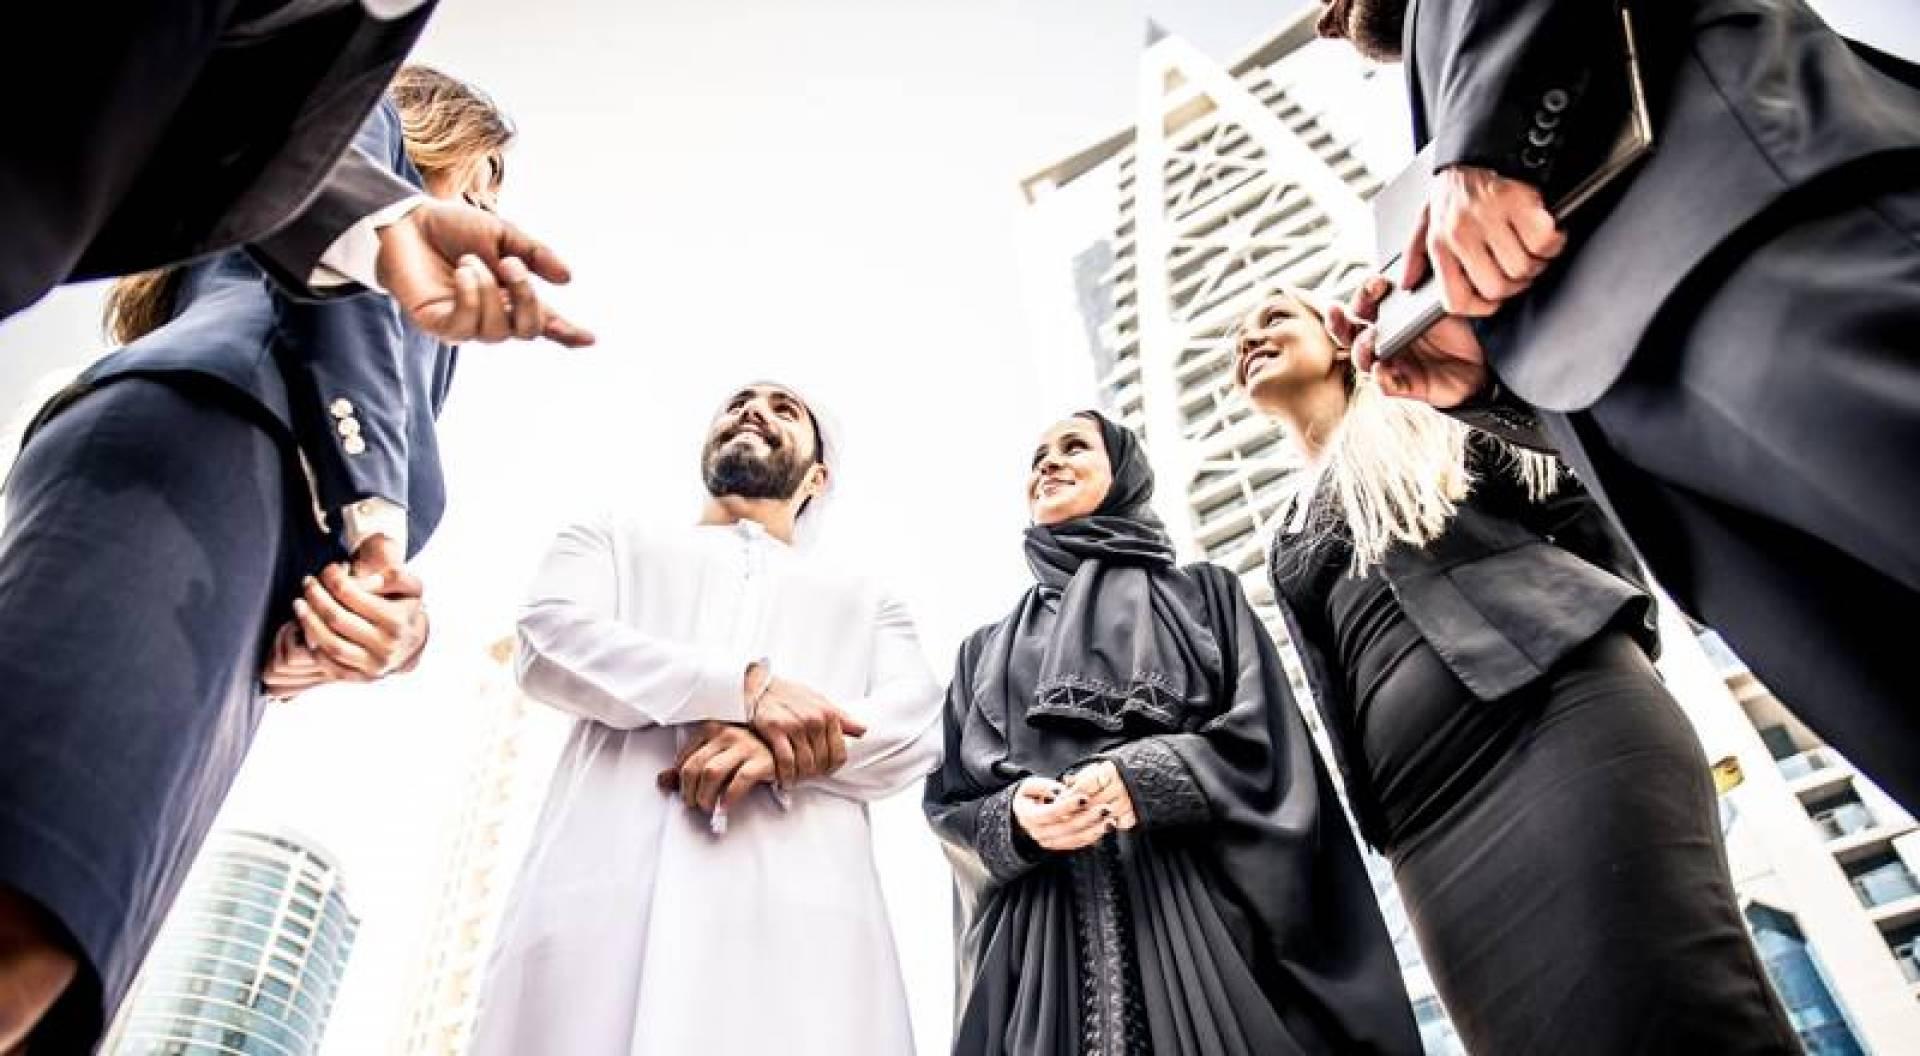 أبوظبي تواجه التباطؤ بسياسات اقتصادية مرنة ومبتكرة